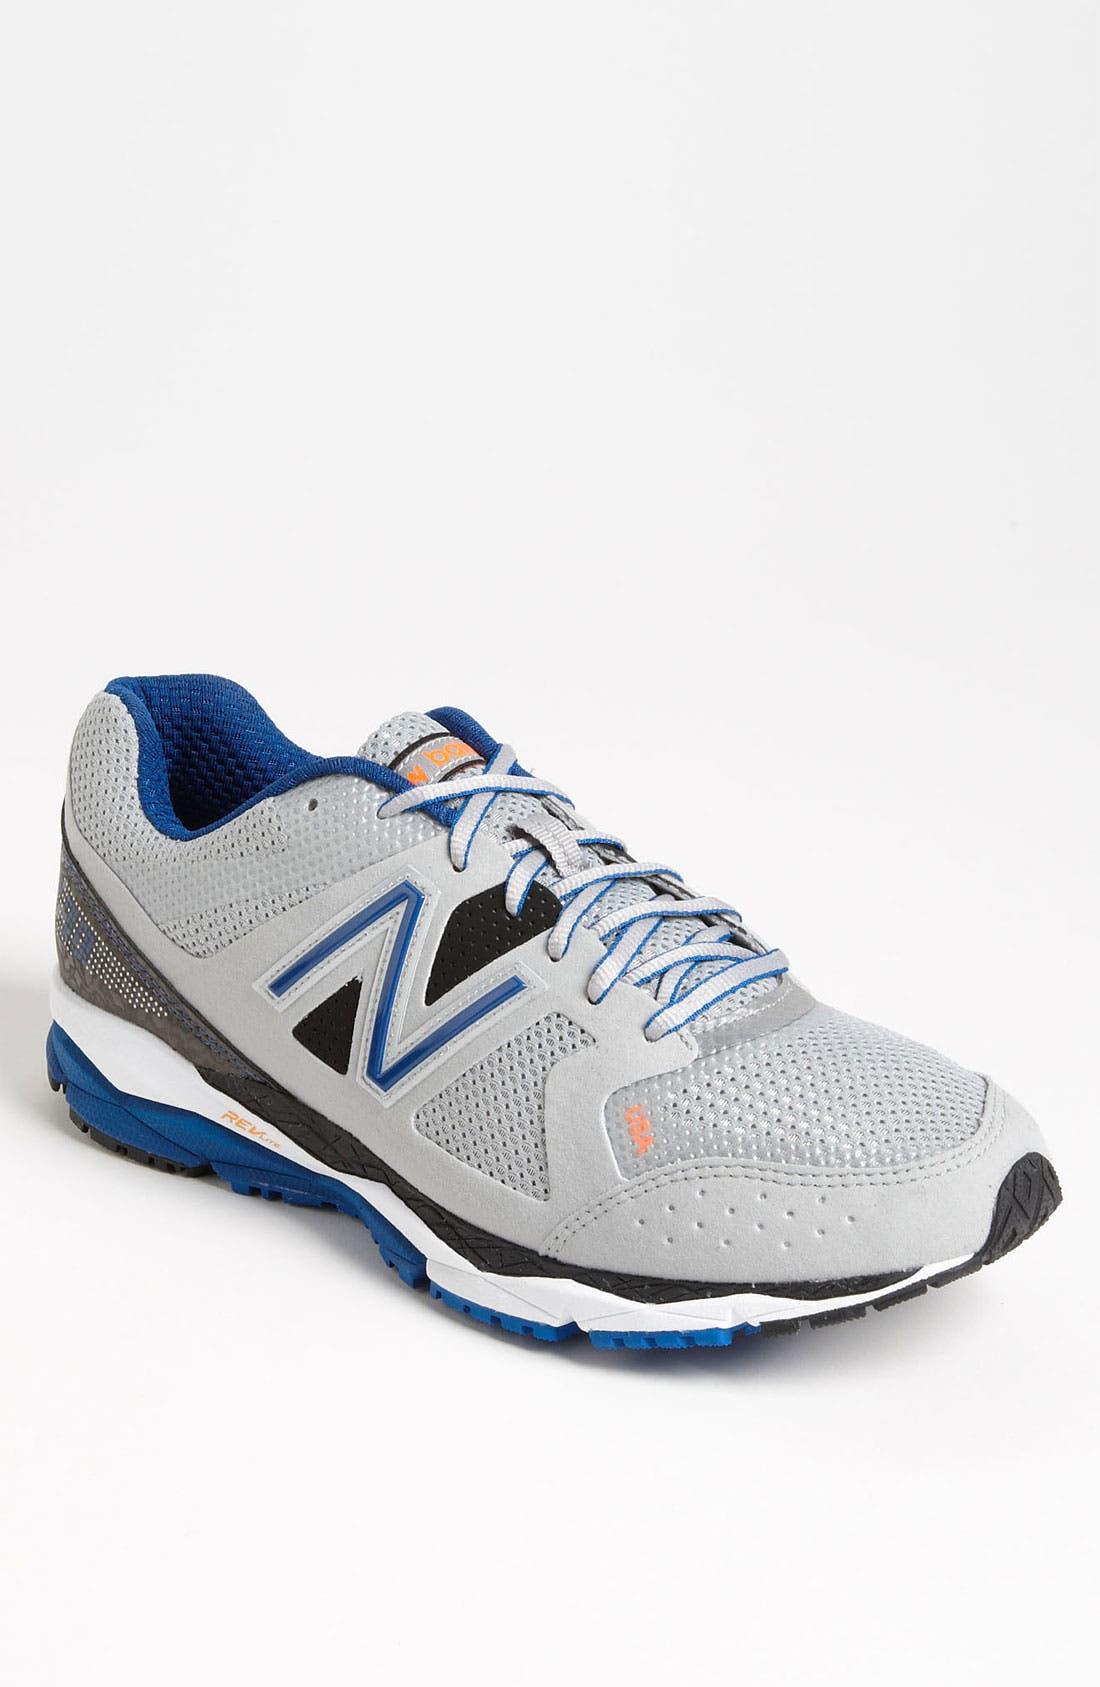 Main Image - New Balance '1290' Running Shoe (Men)